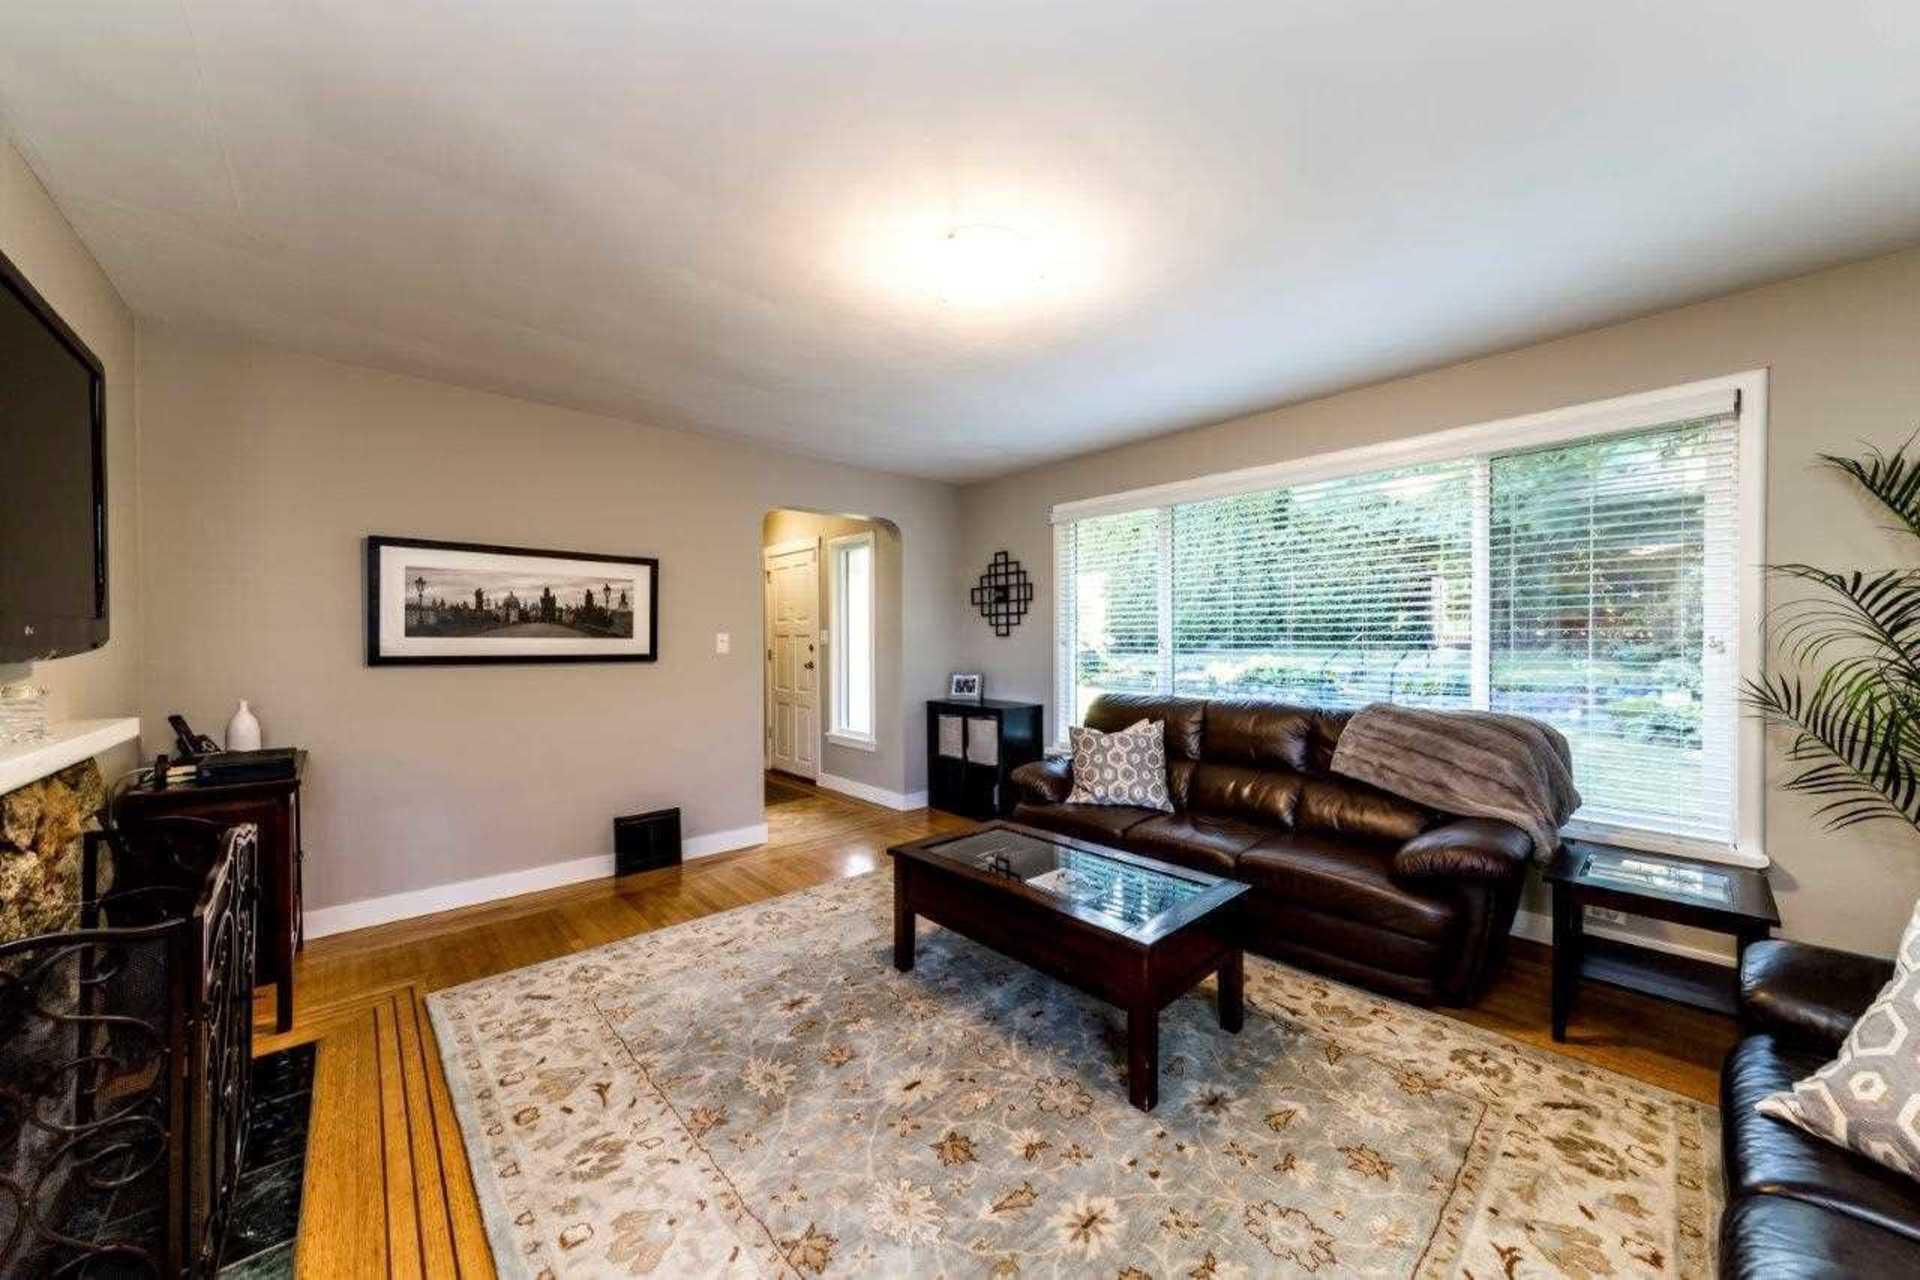 2421-jones-avenue-central-lonsdale-north-vancouver-04 at 2421 Jones Avenue, Central Lonsdale, North Vancouver